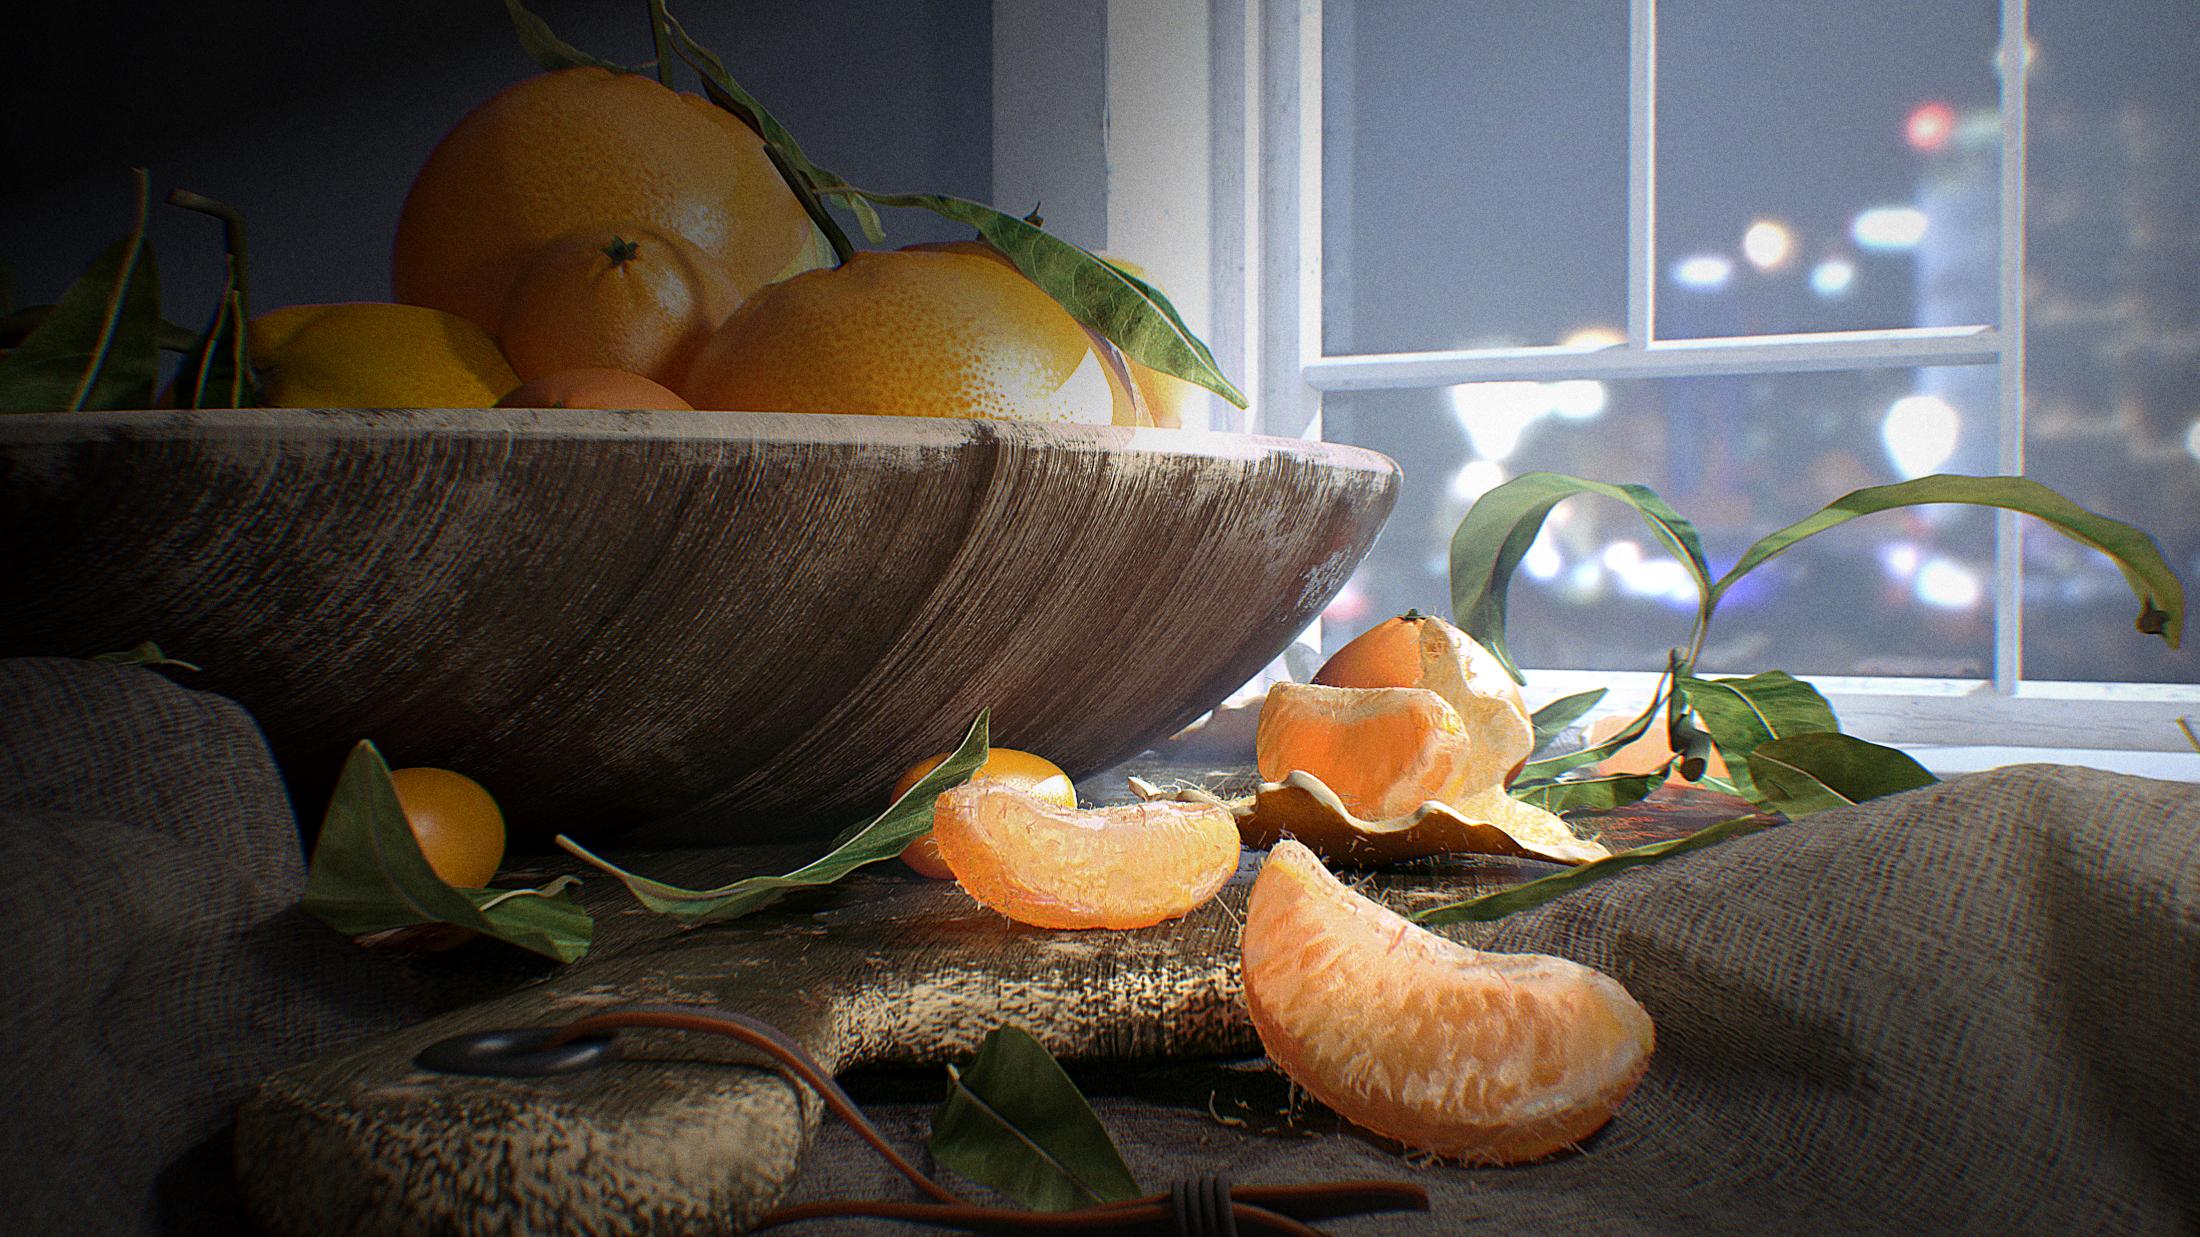 Orange_still_3_00000.jpg